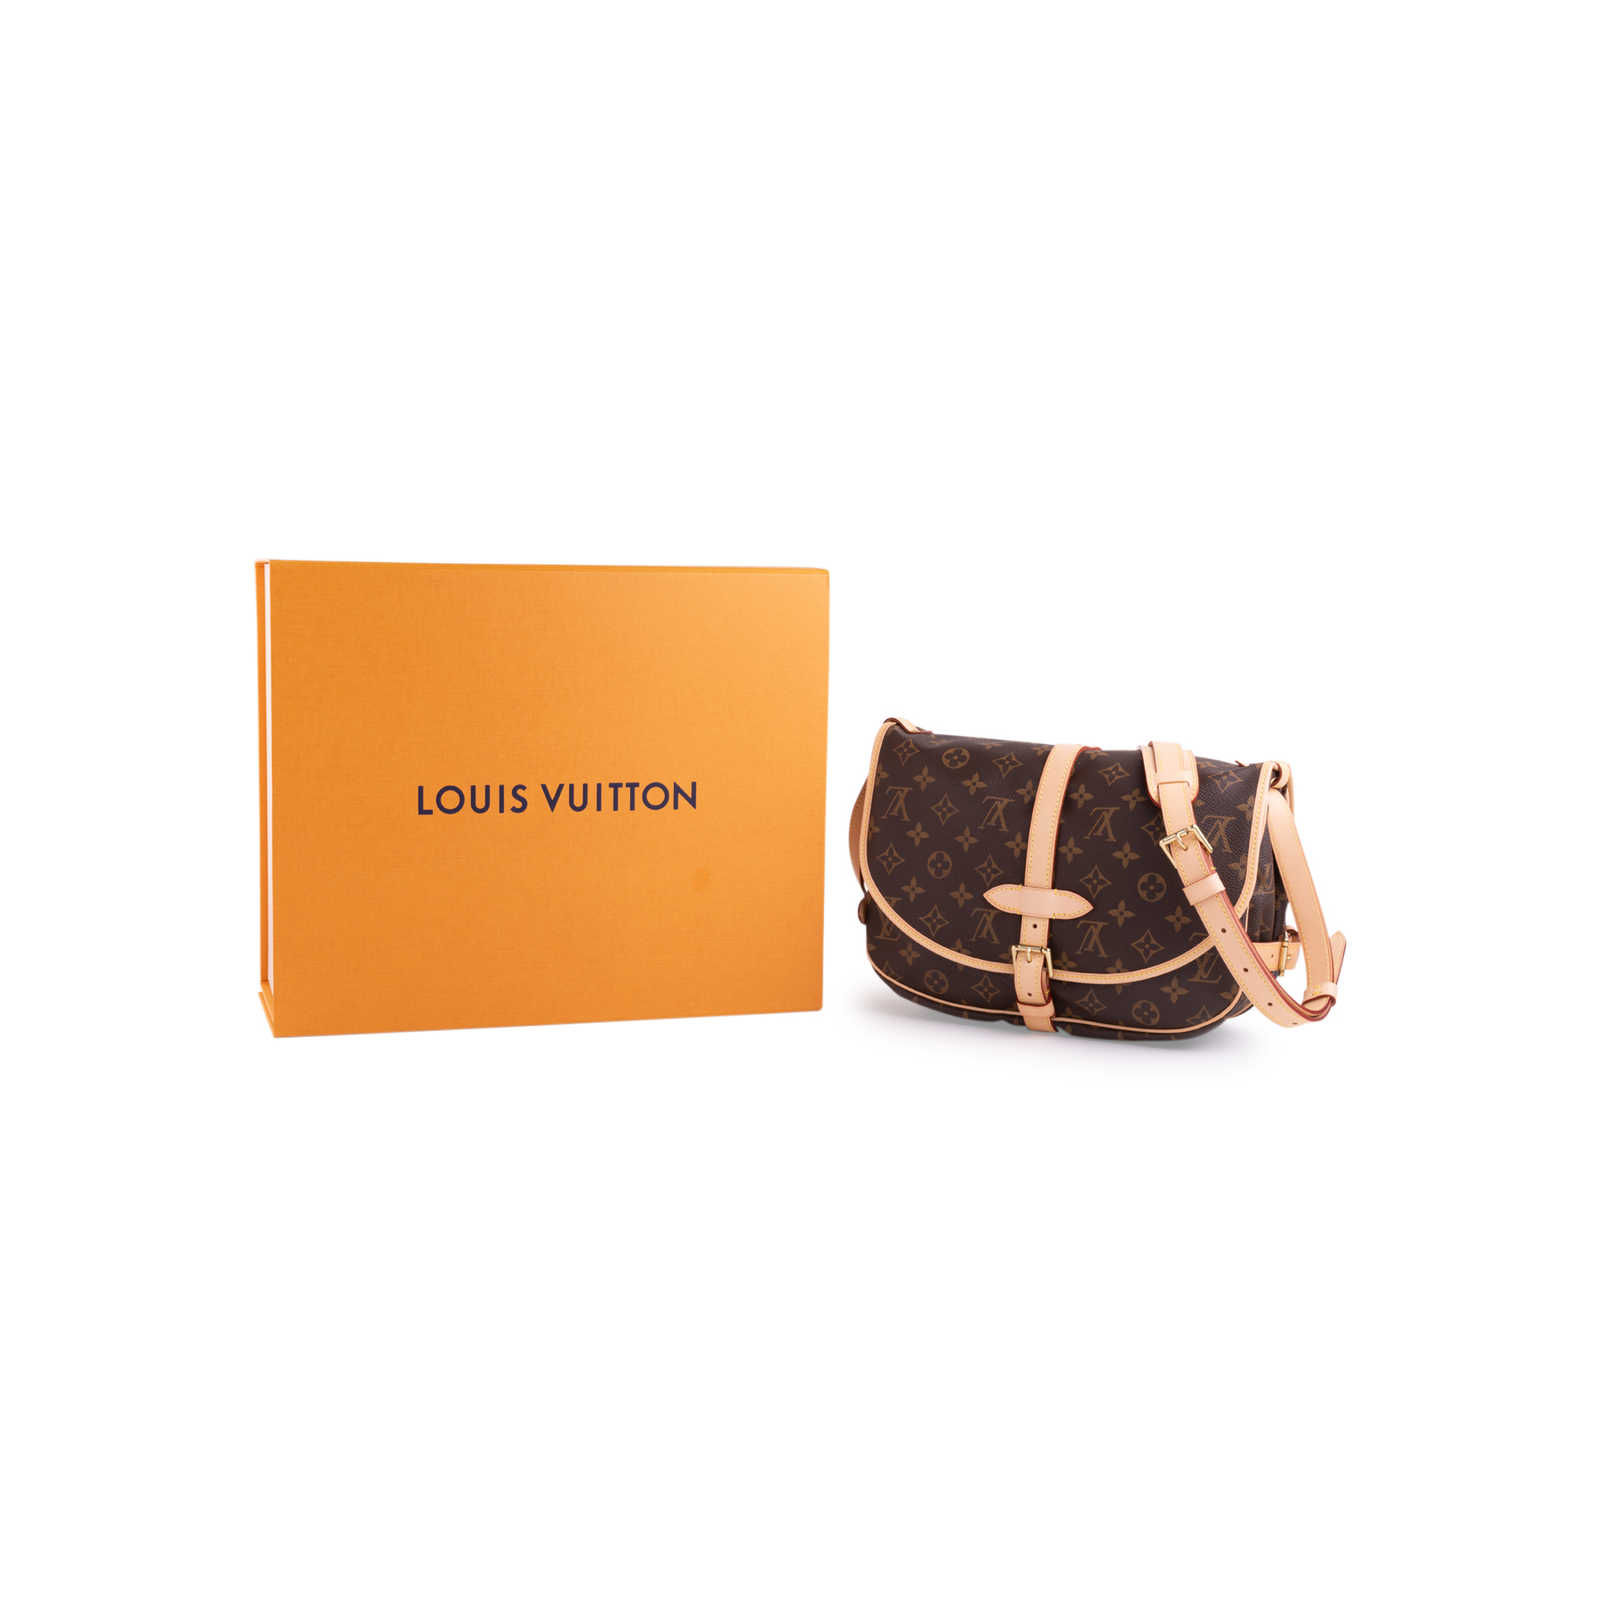 c9e2a977f20a0 ... Authentic Second Hand Louis Vuitton Saumur MM Bag (PSS-627-00001) -